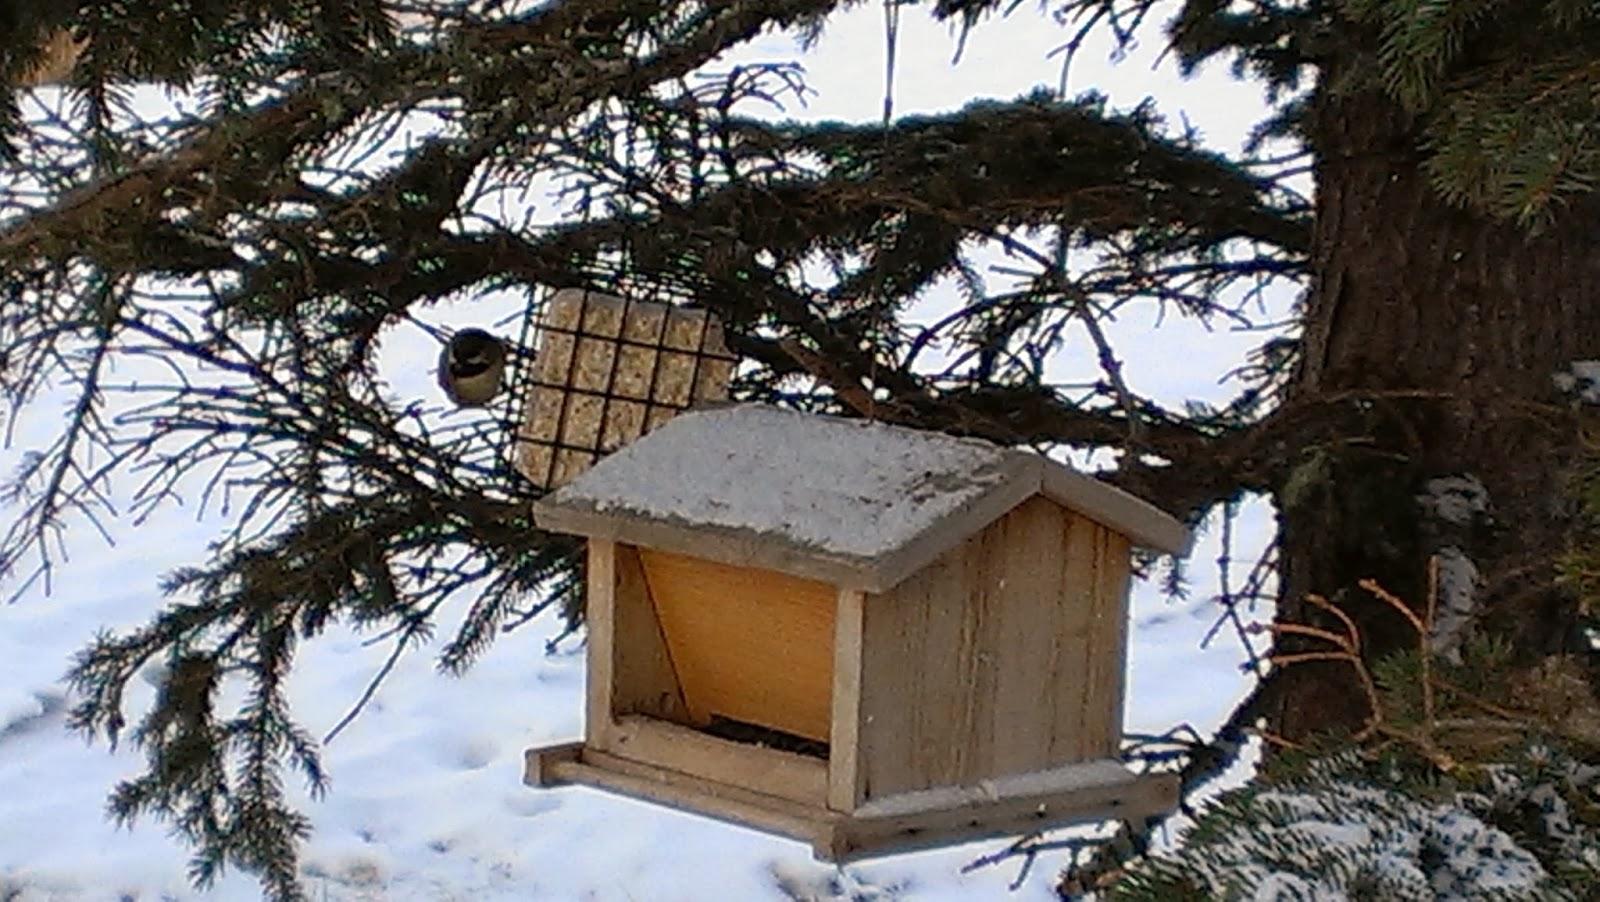 birdfeeders